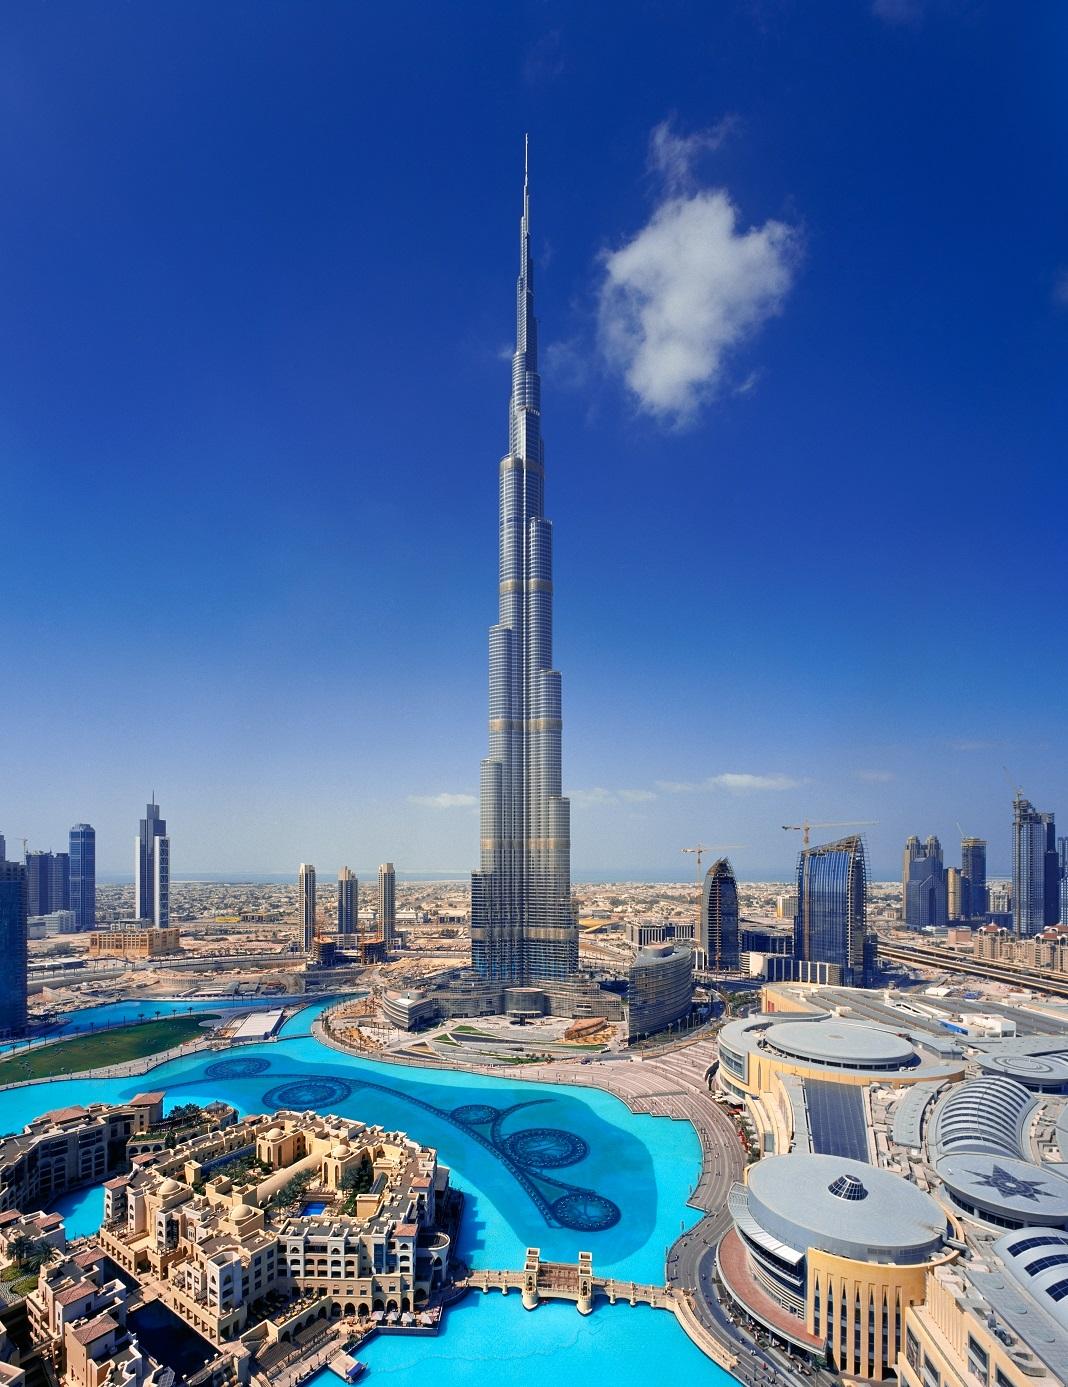 burj-khalifa-dubai_27136580